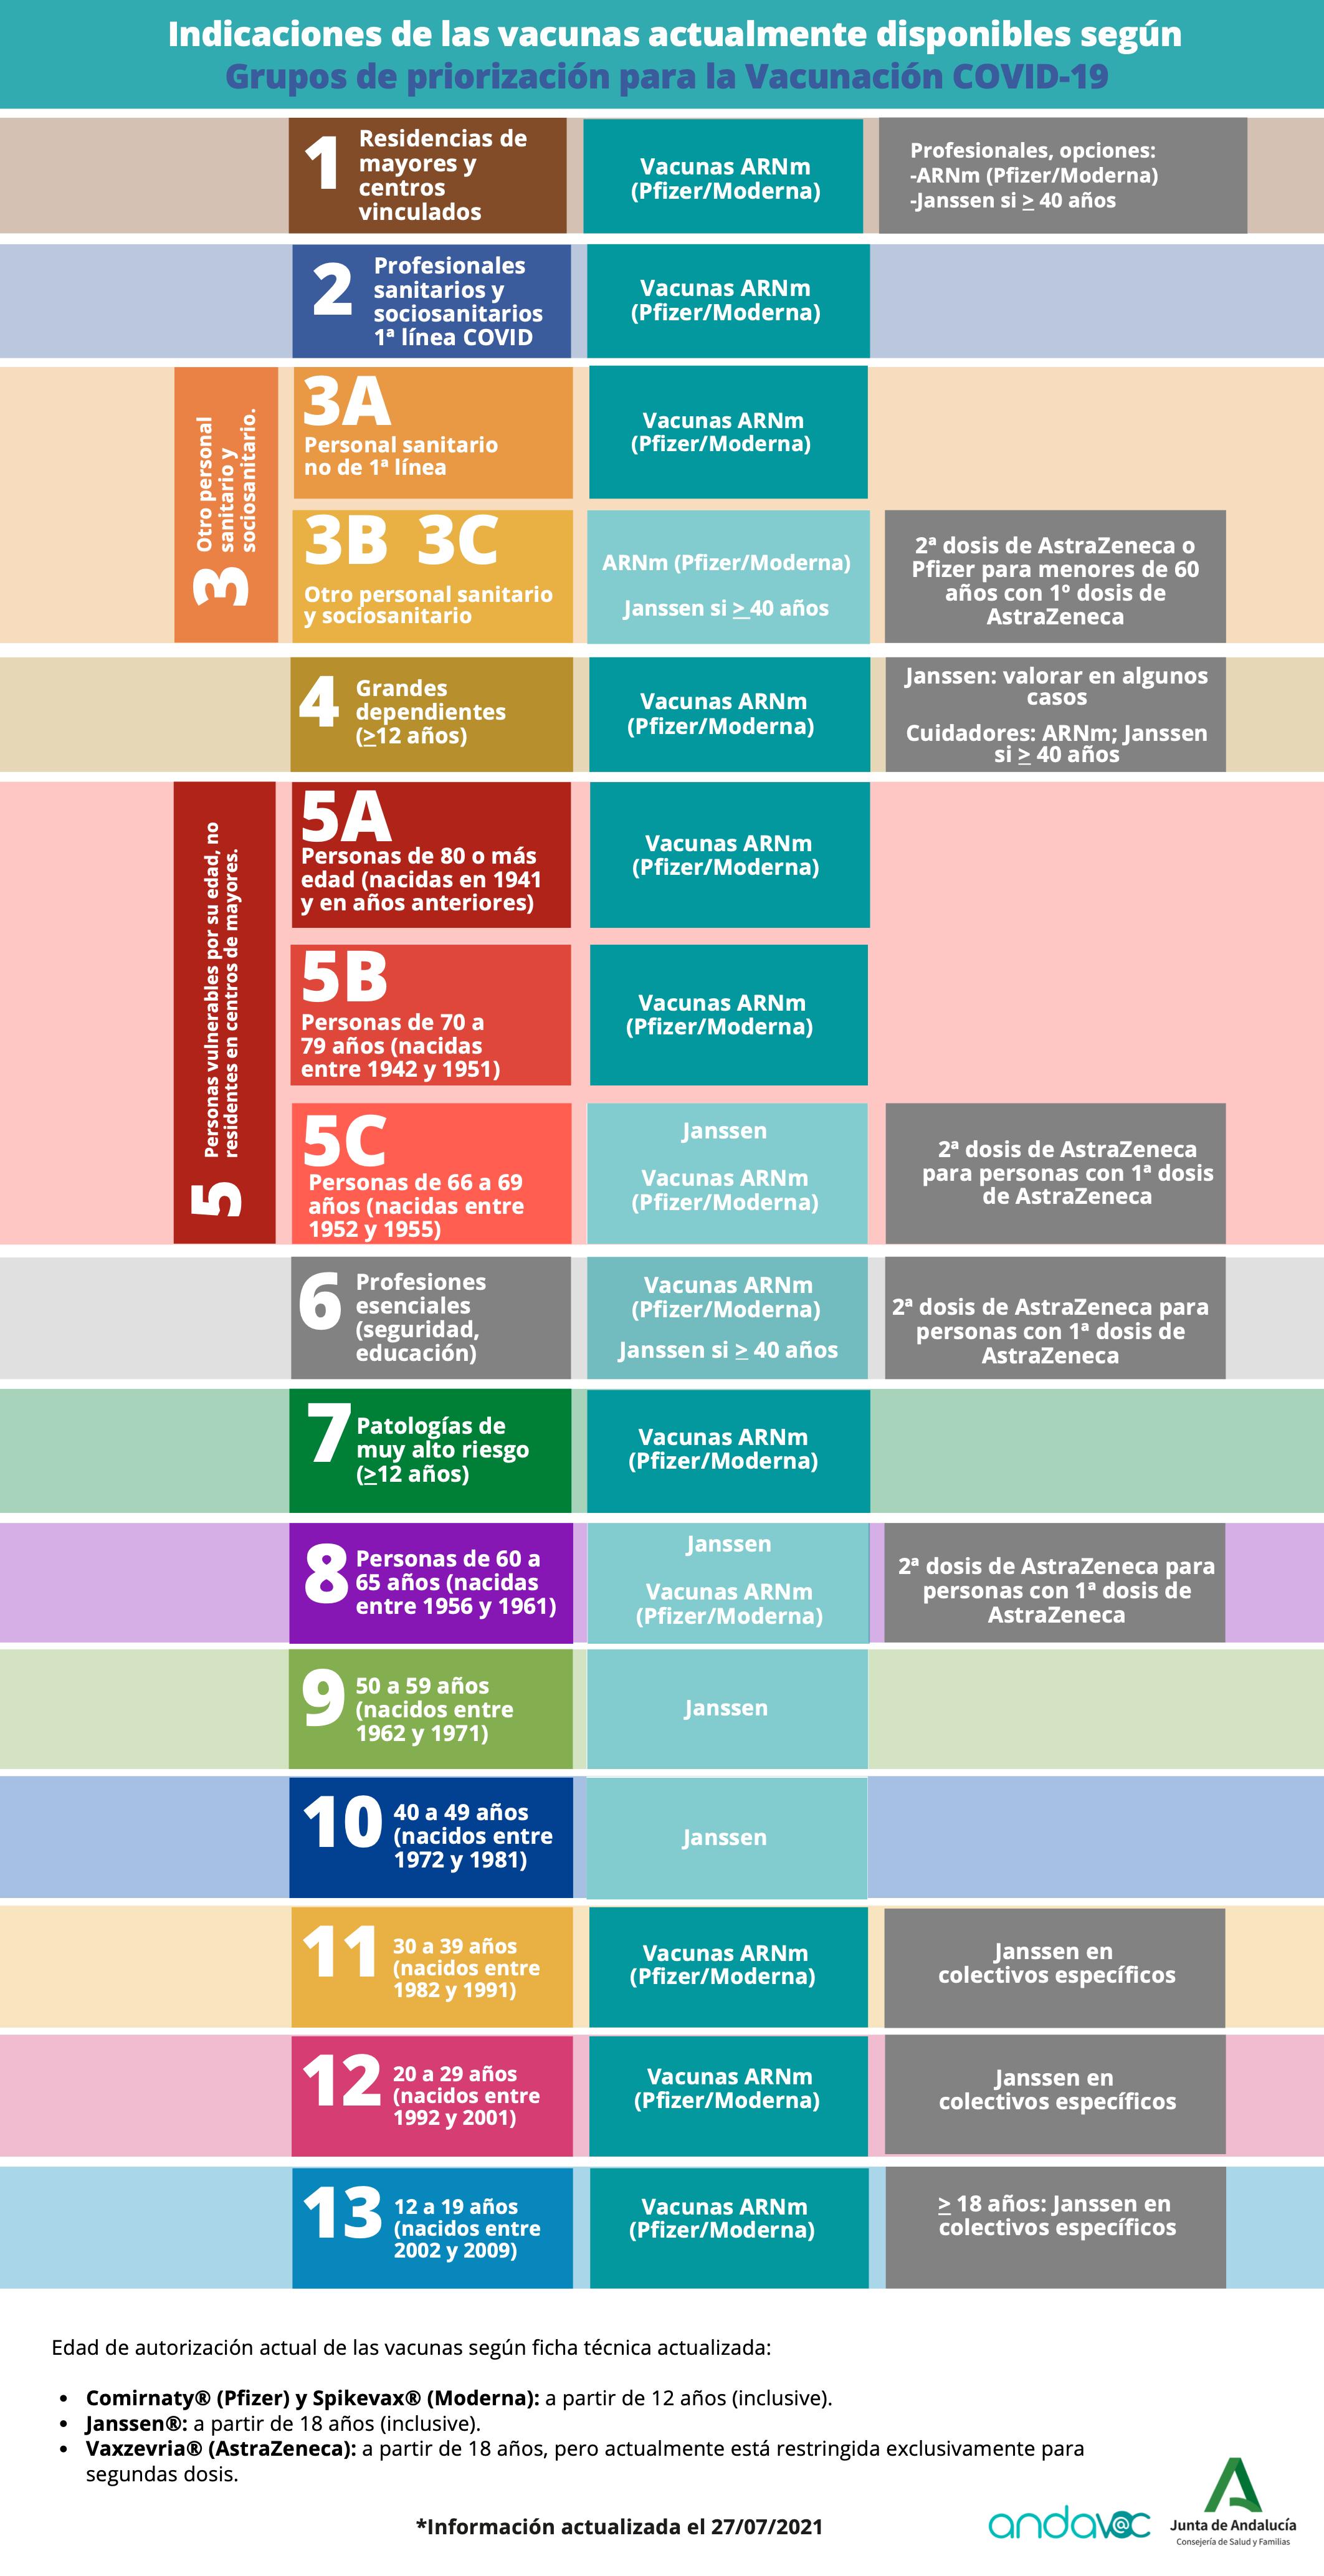 Grupos de priorización para la vacunación COVID-19